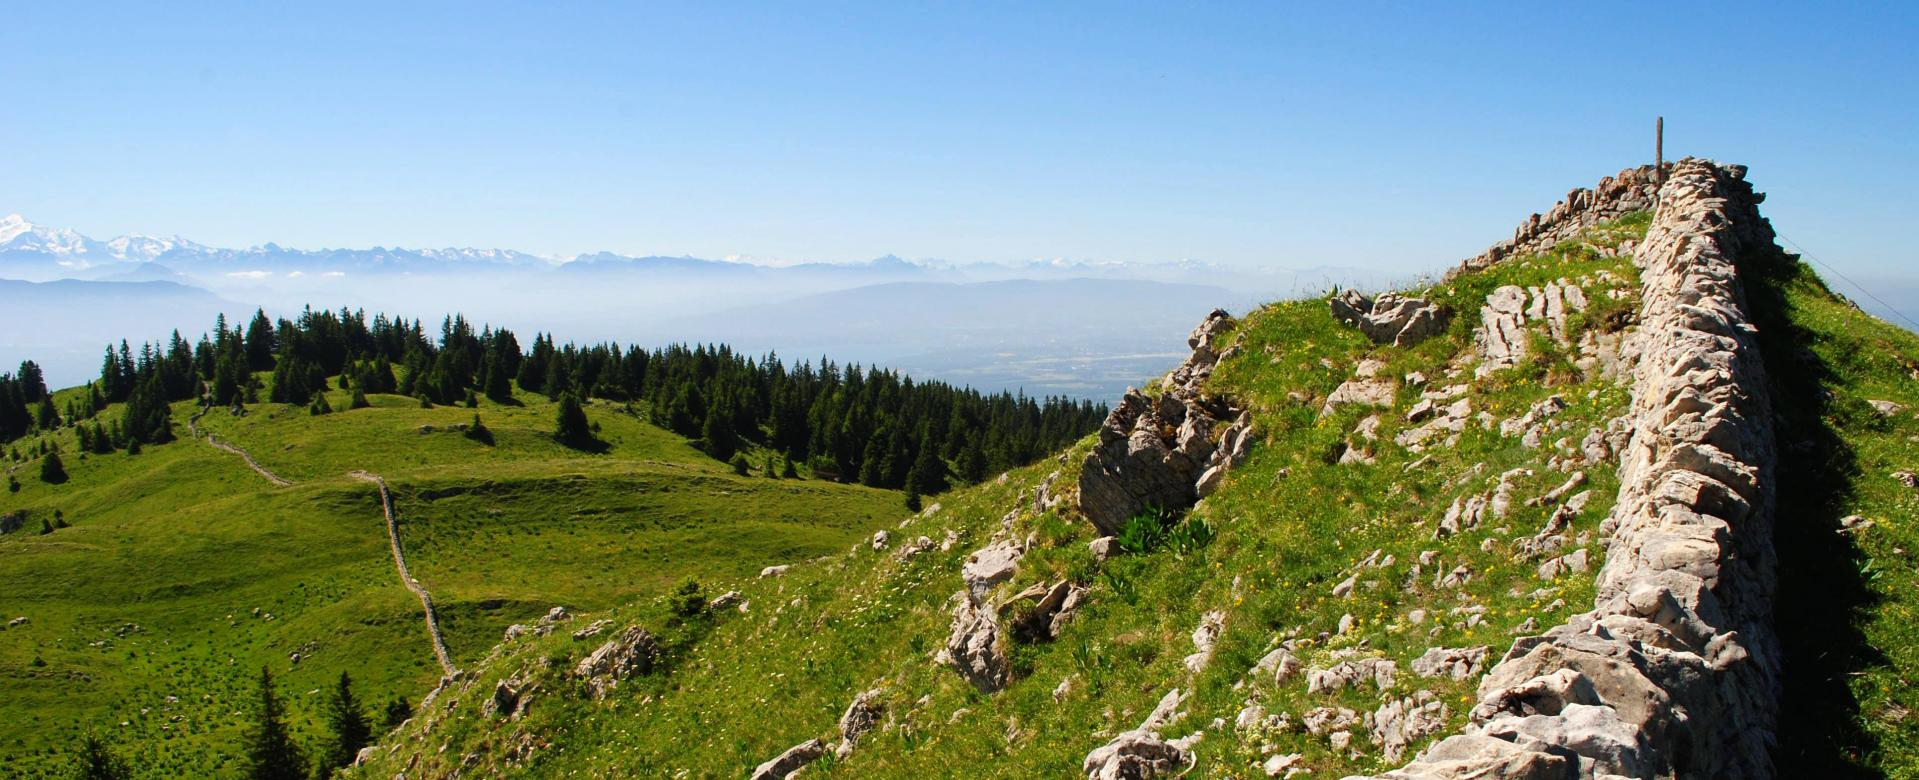 Voyage à pied : Jura, montagne de traditions